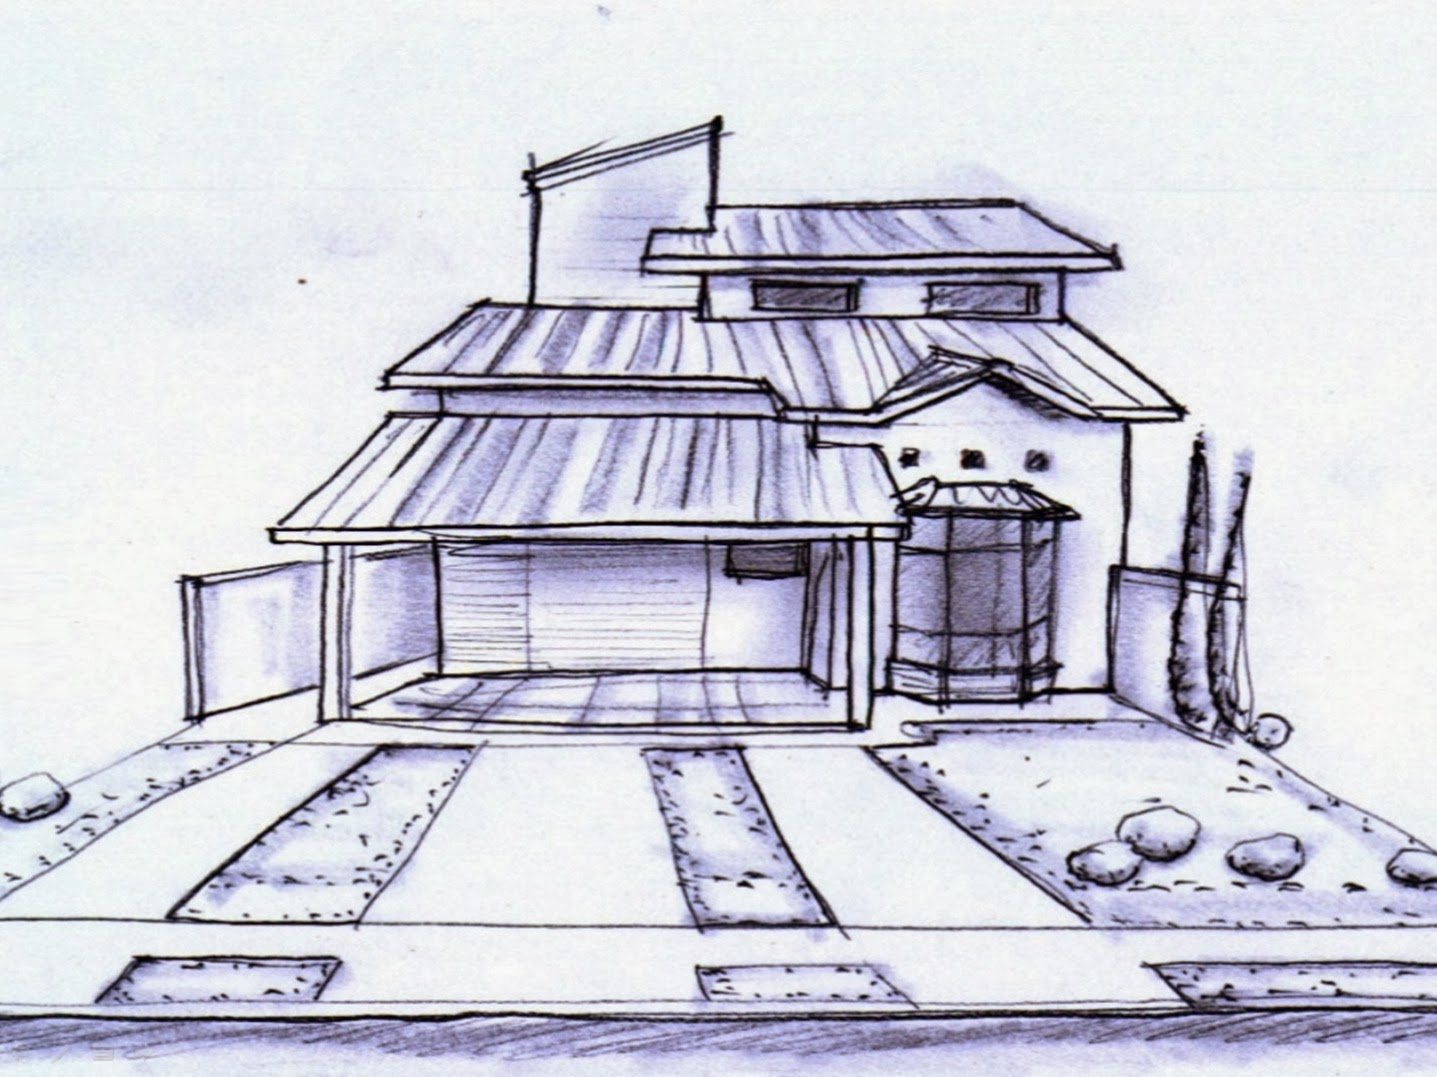 Traços rápidos capturam o partido arquitetônico neste estudo de fachada.